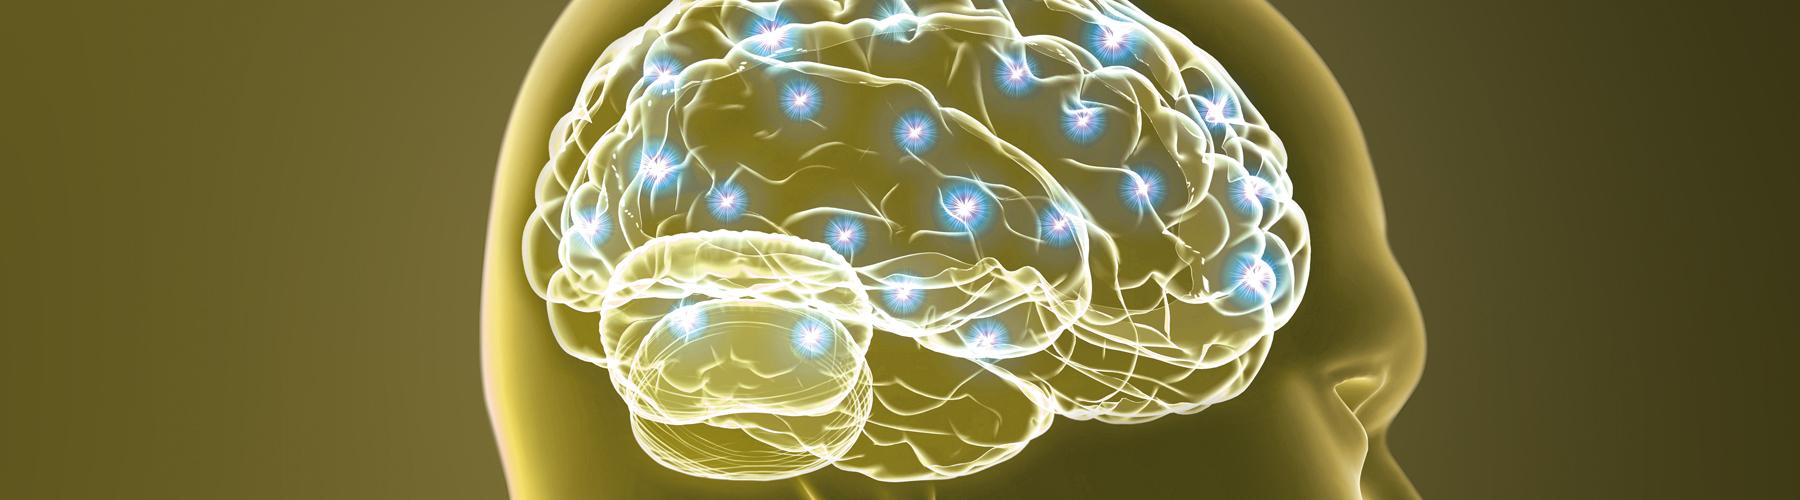 Course Image Trastornos neurológicos y neuropsiquiátricos (2ª edición)